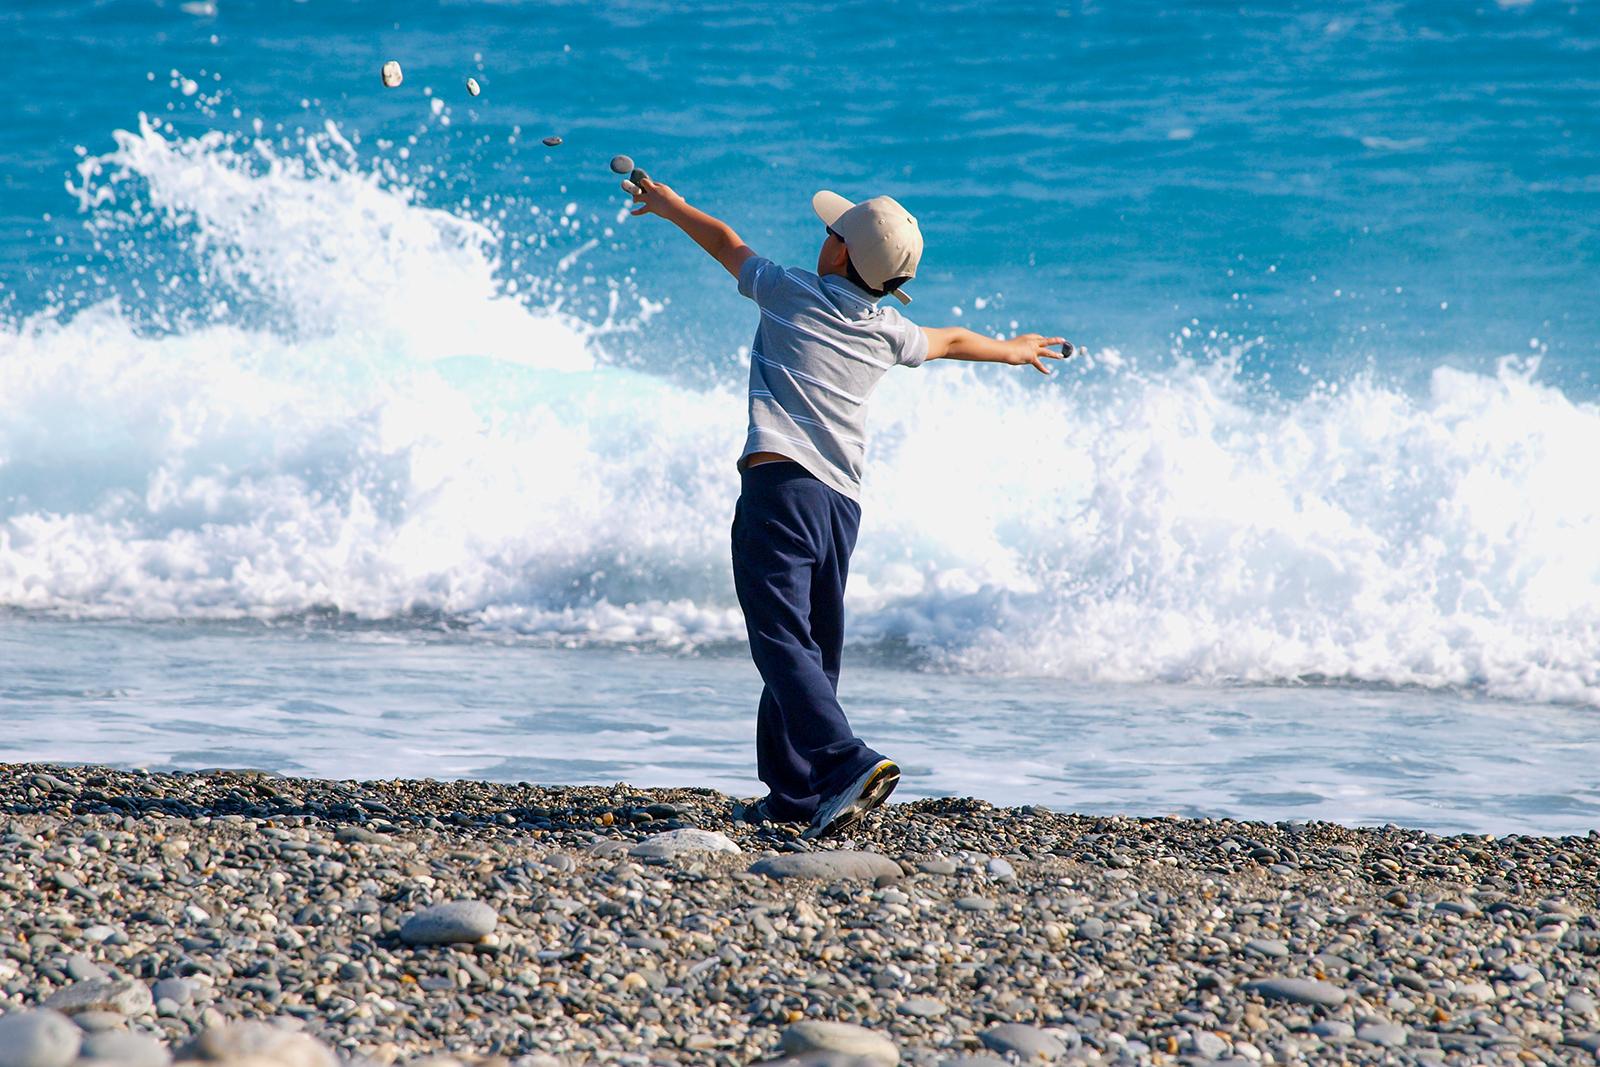 2020年8月30日,花莲七星潭是著名风景区,经常有小童在海边检拾石头玩耍。(锺广政摄)